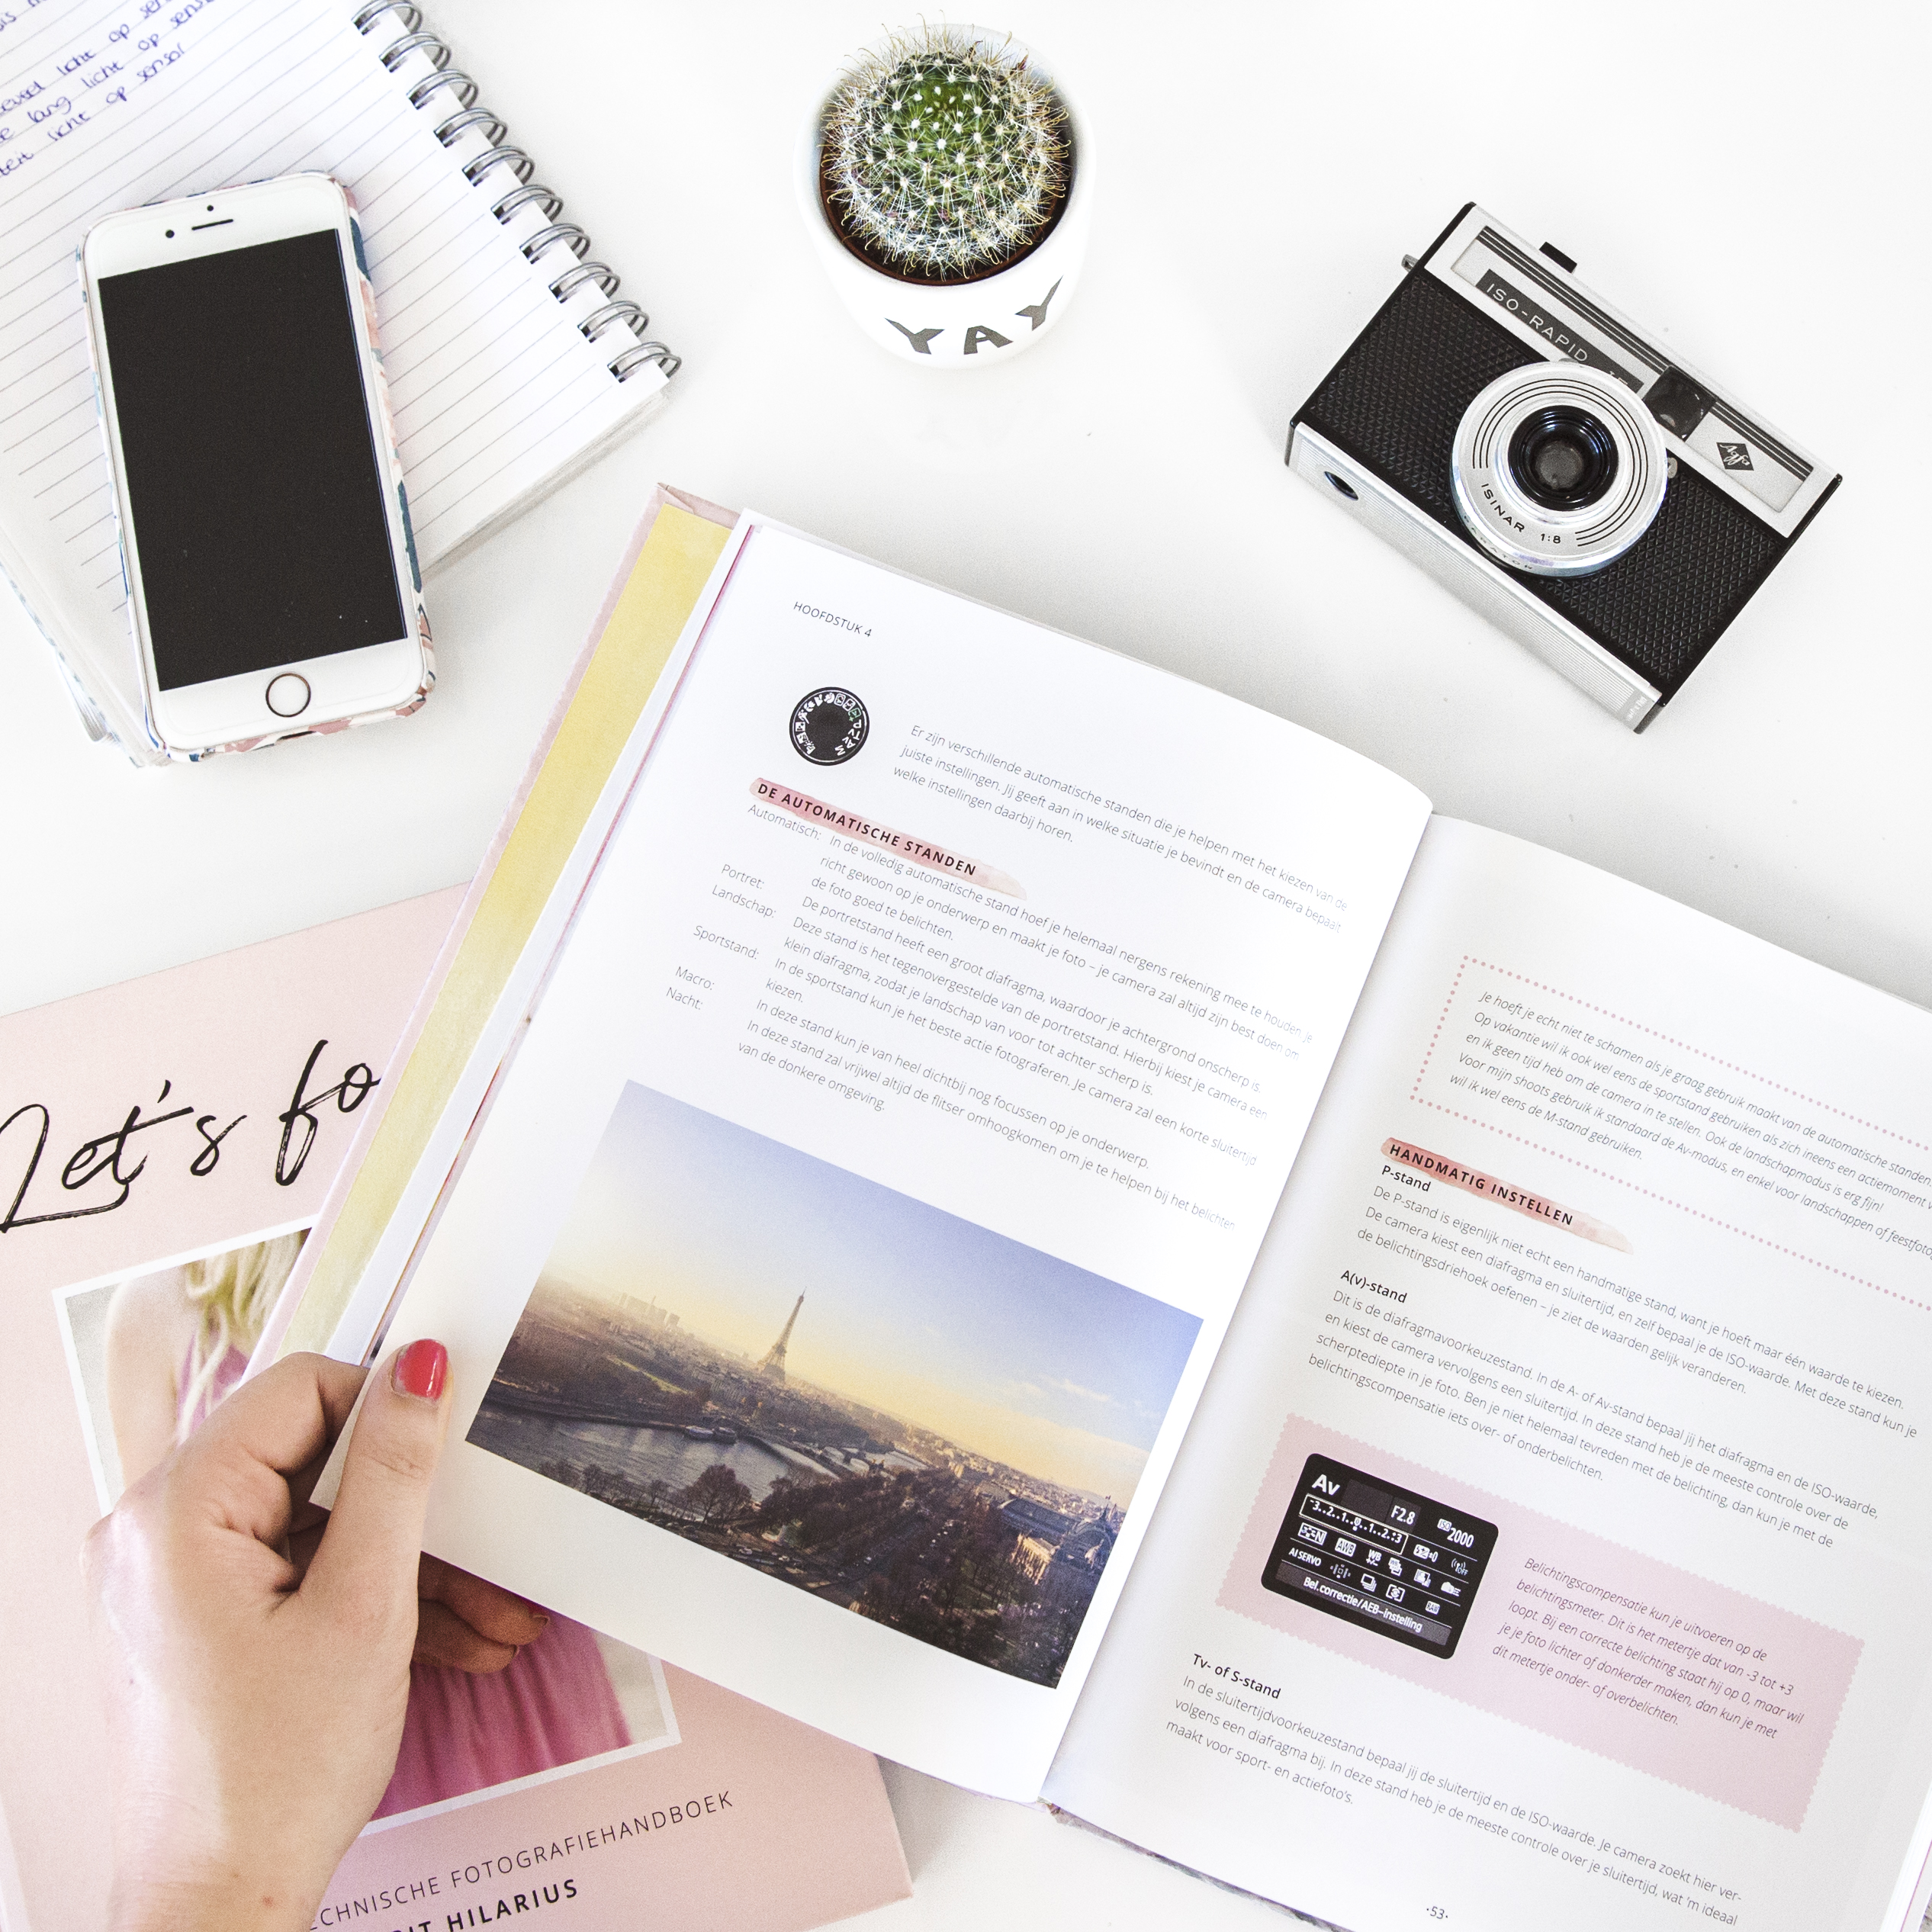 Let's focus! by Marit Hilarius